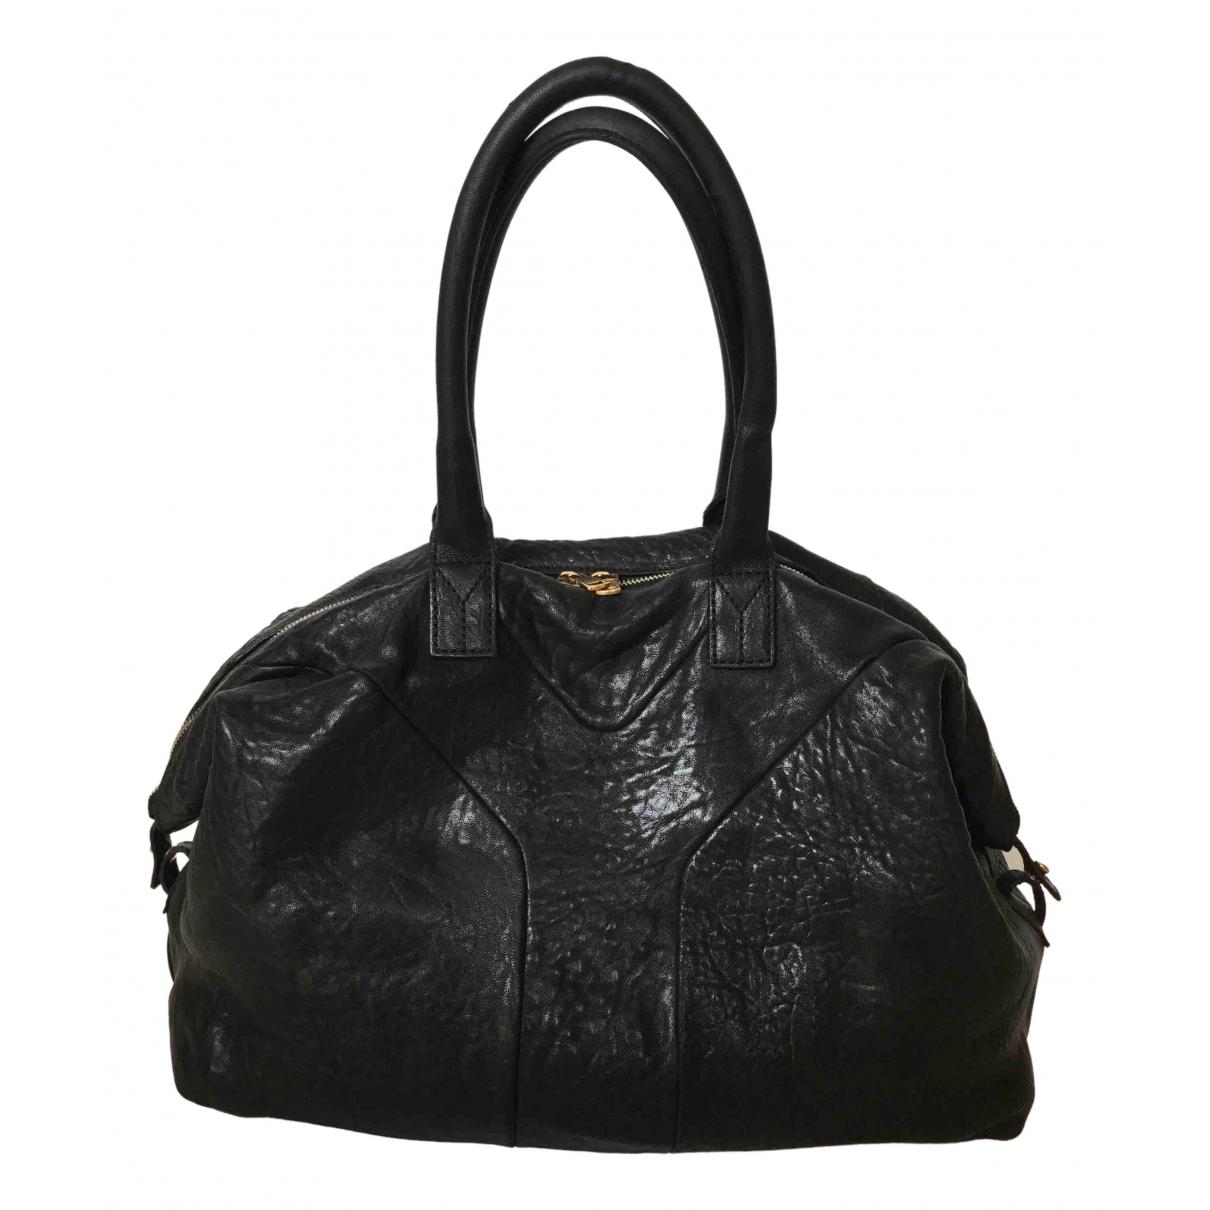 Yves Saint Laurent - Sac a main Easy pour femme en cuir - noir